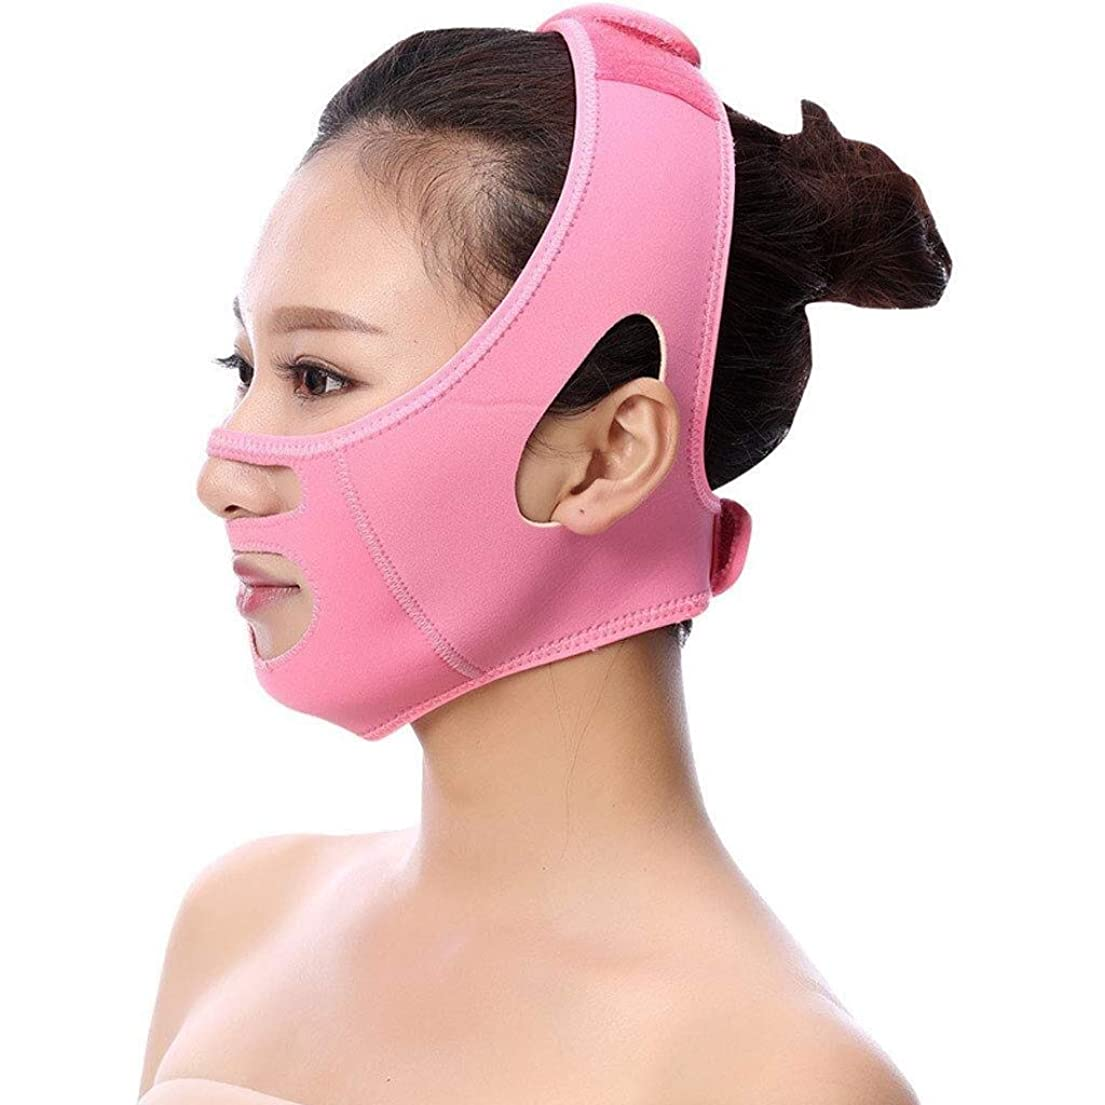 小さい悪行逮捕顔の持ち上がる細くの伸縮性があるベルト、 フェイススリミングマスク、Vフェイスベルトフェイスリフト包帯 女性用バンドを持ち上げる (Color : Pink)